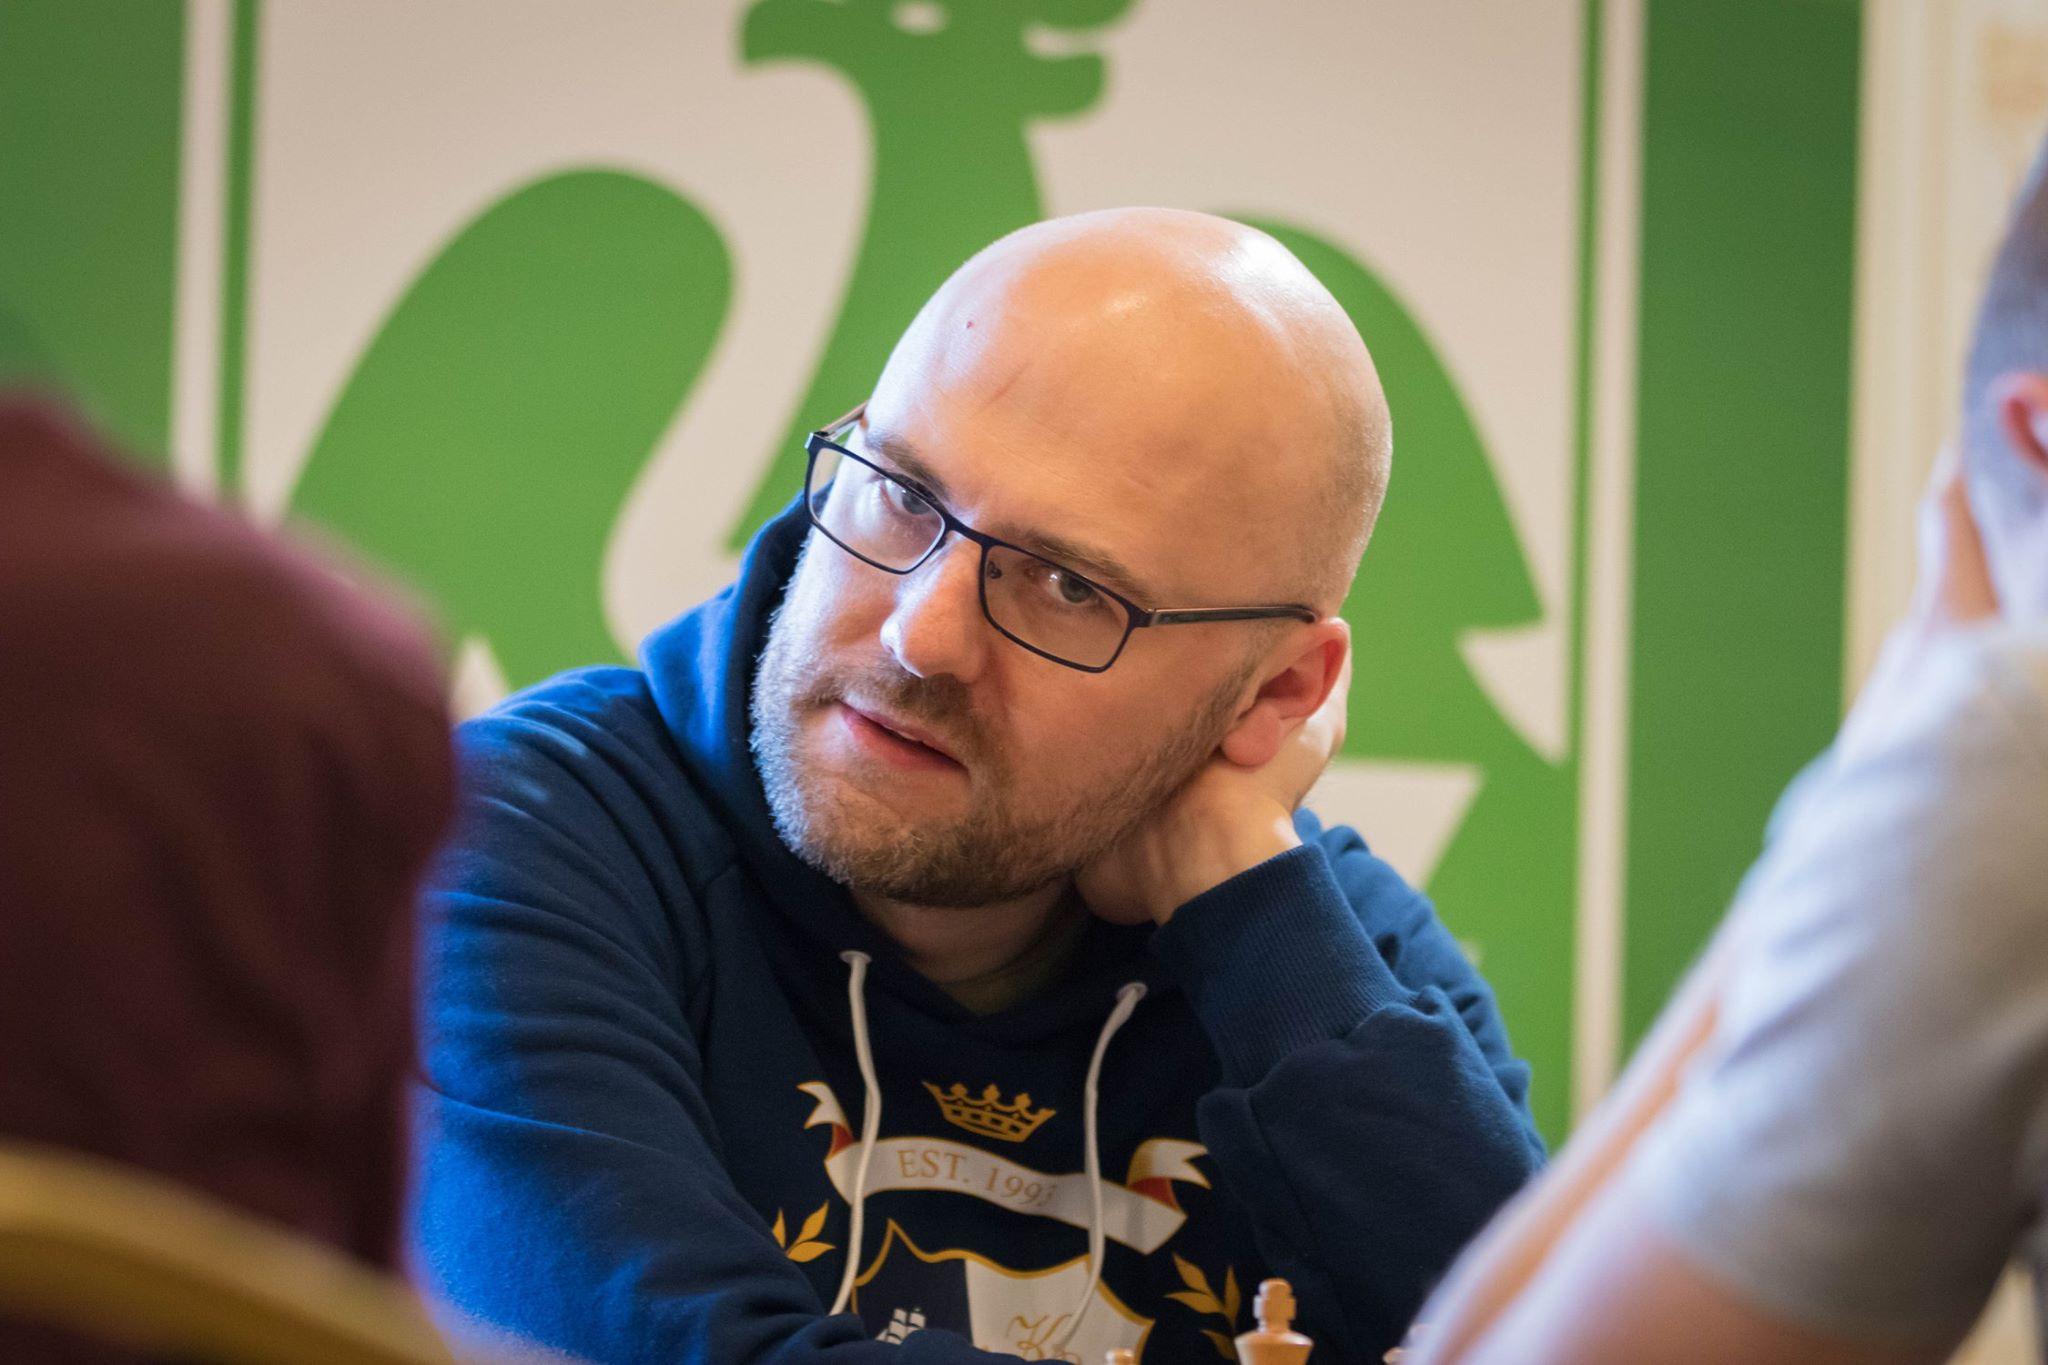 Akademickie_Mistrzostwa_Polski_2019_Krzysztof_Jakubowski